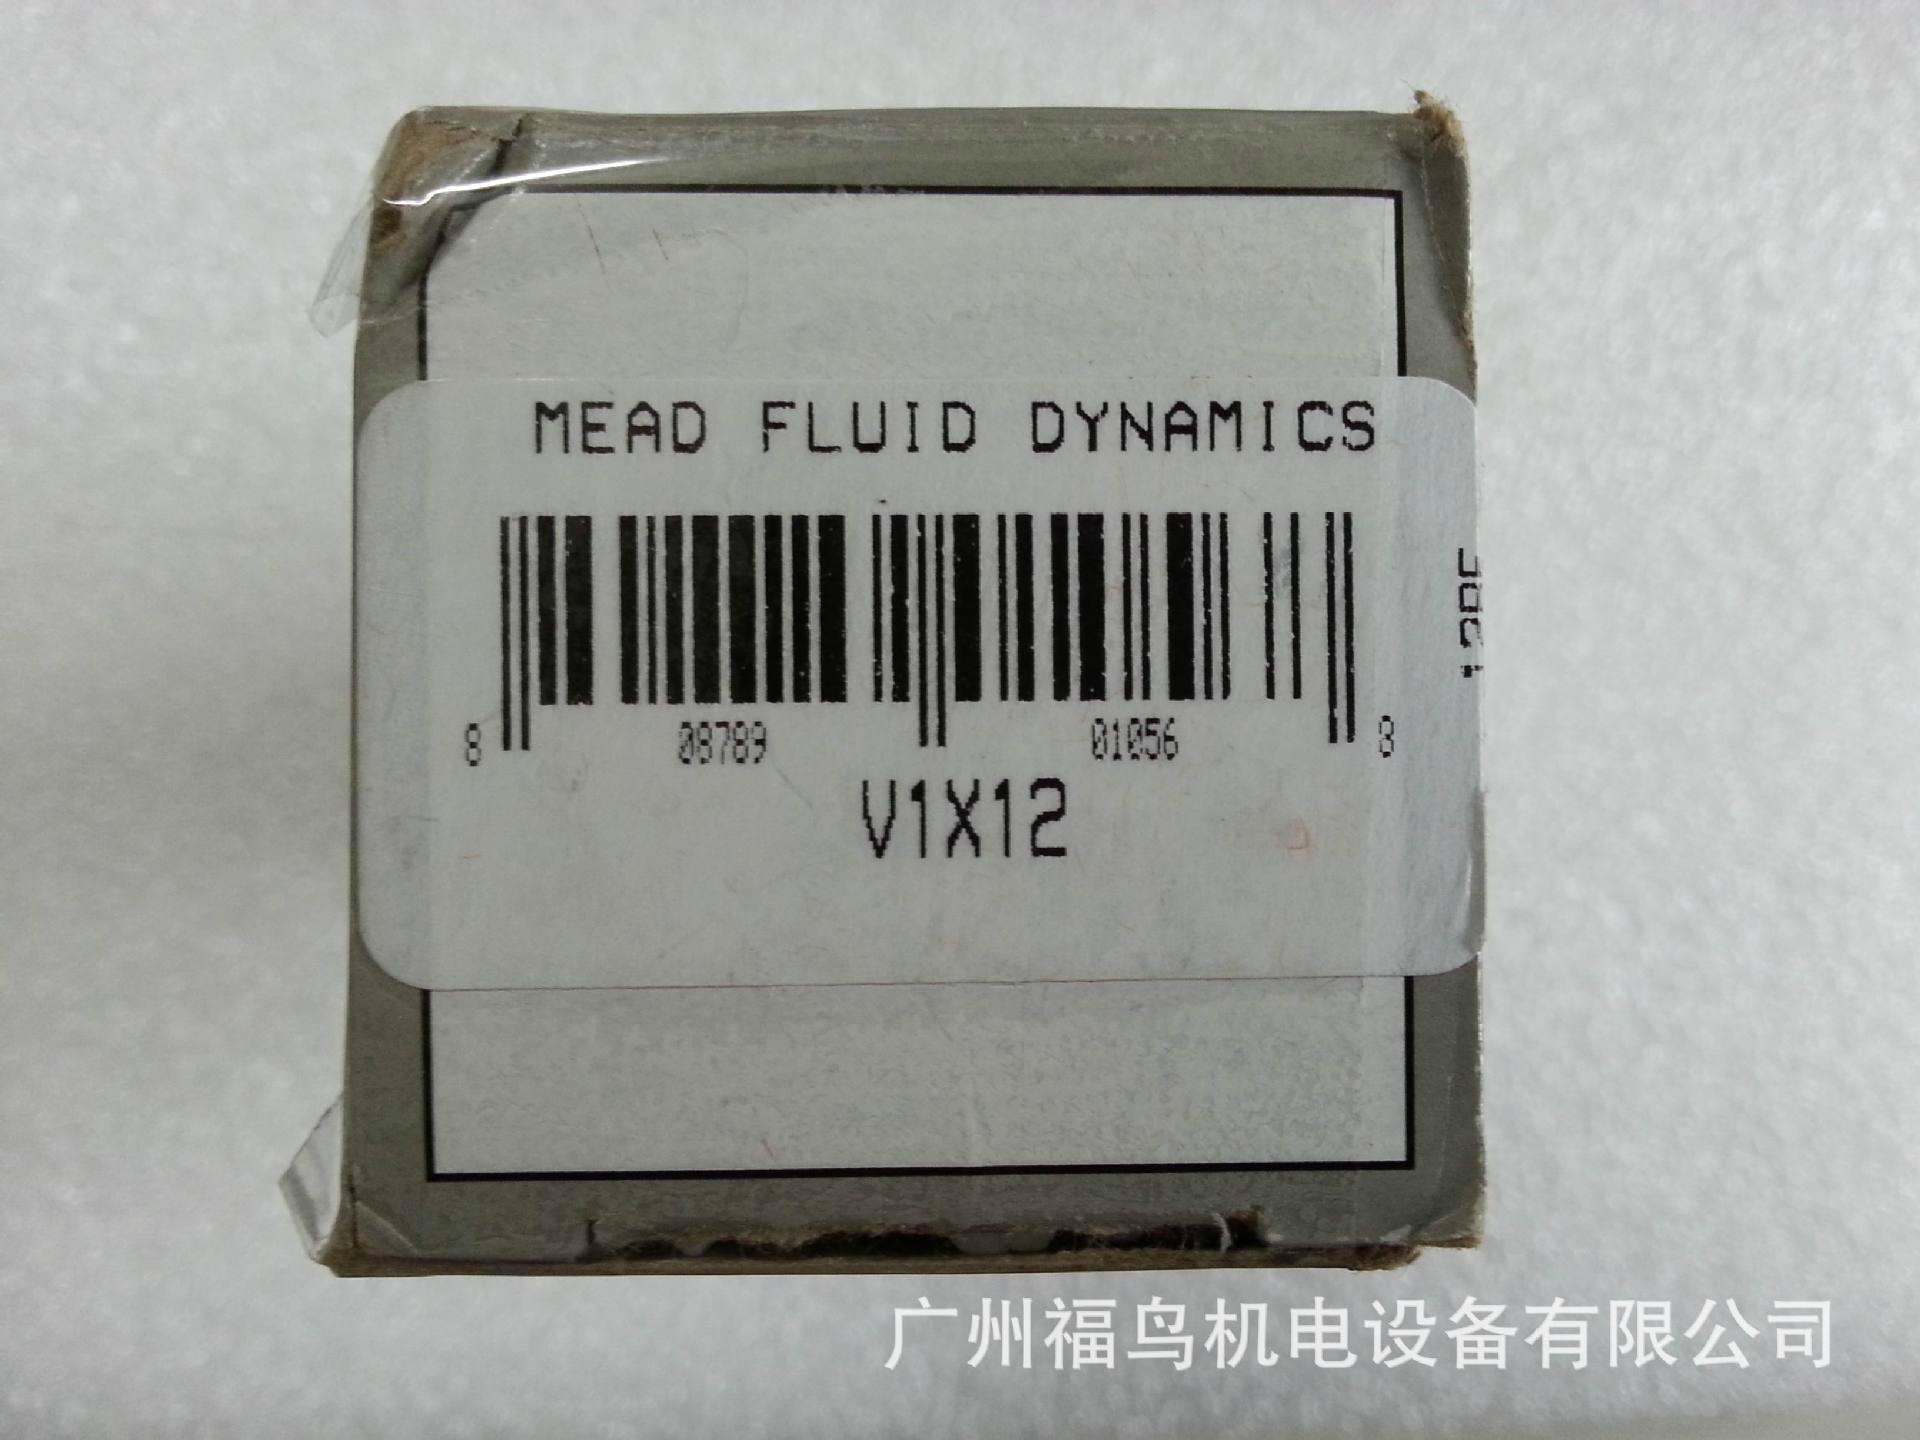 现货供应MEAD气缸(V1X12, V1X-12, VIX-12, VIX12) 9